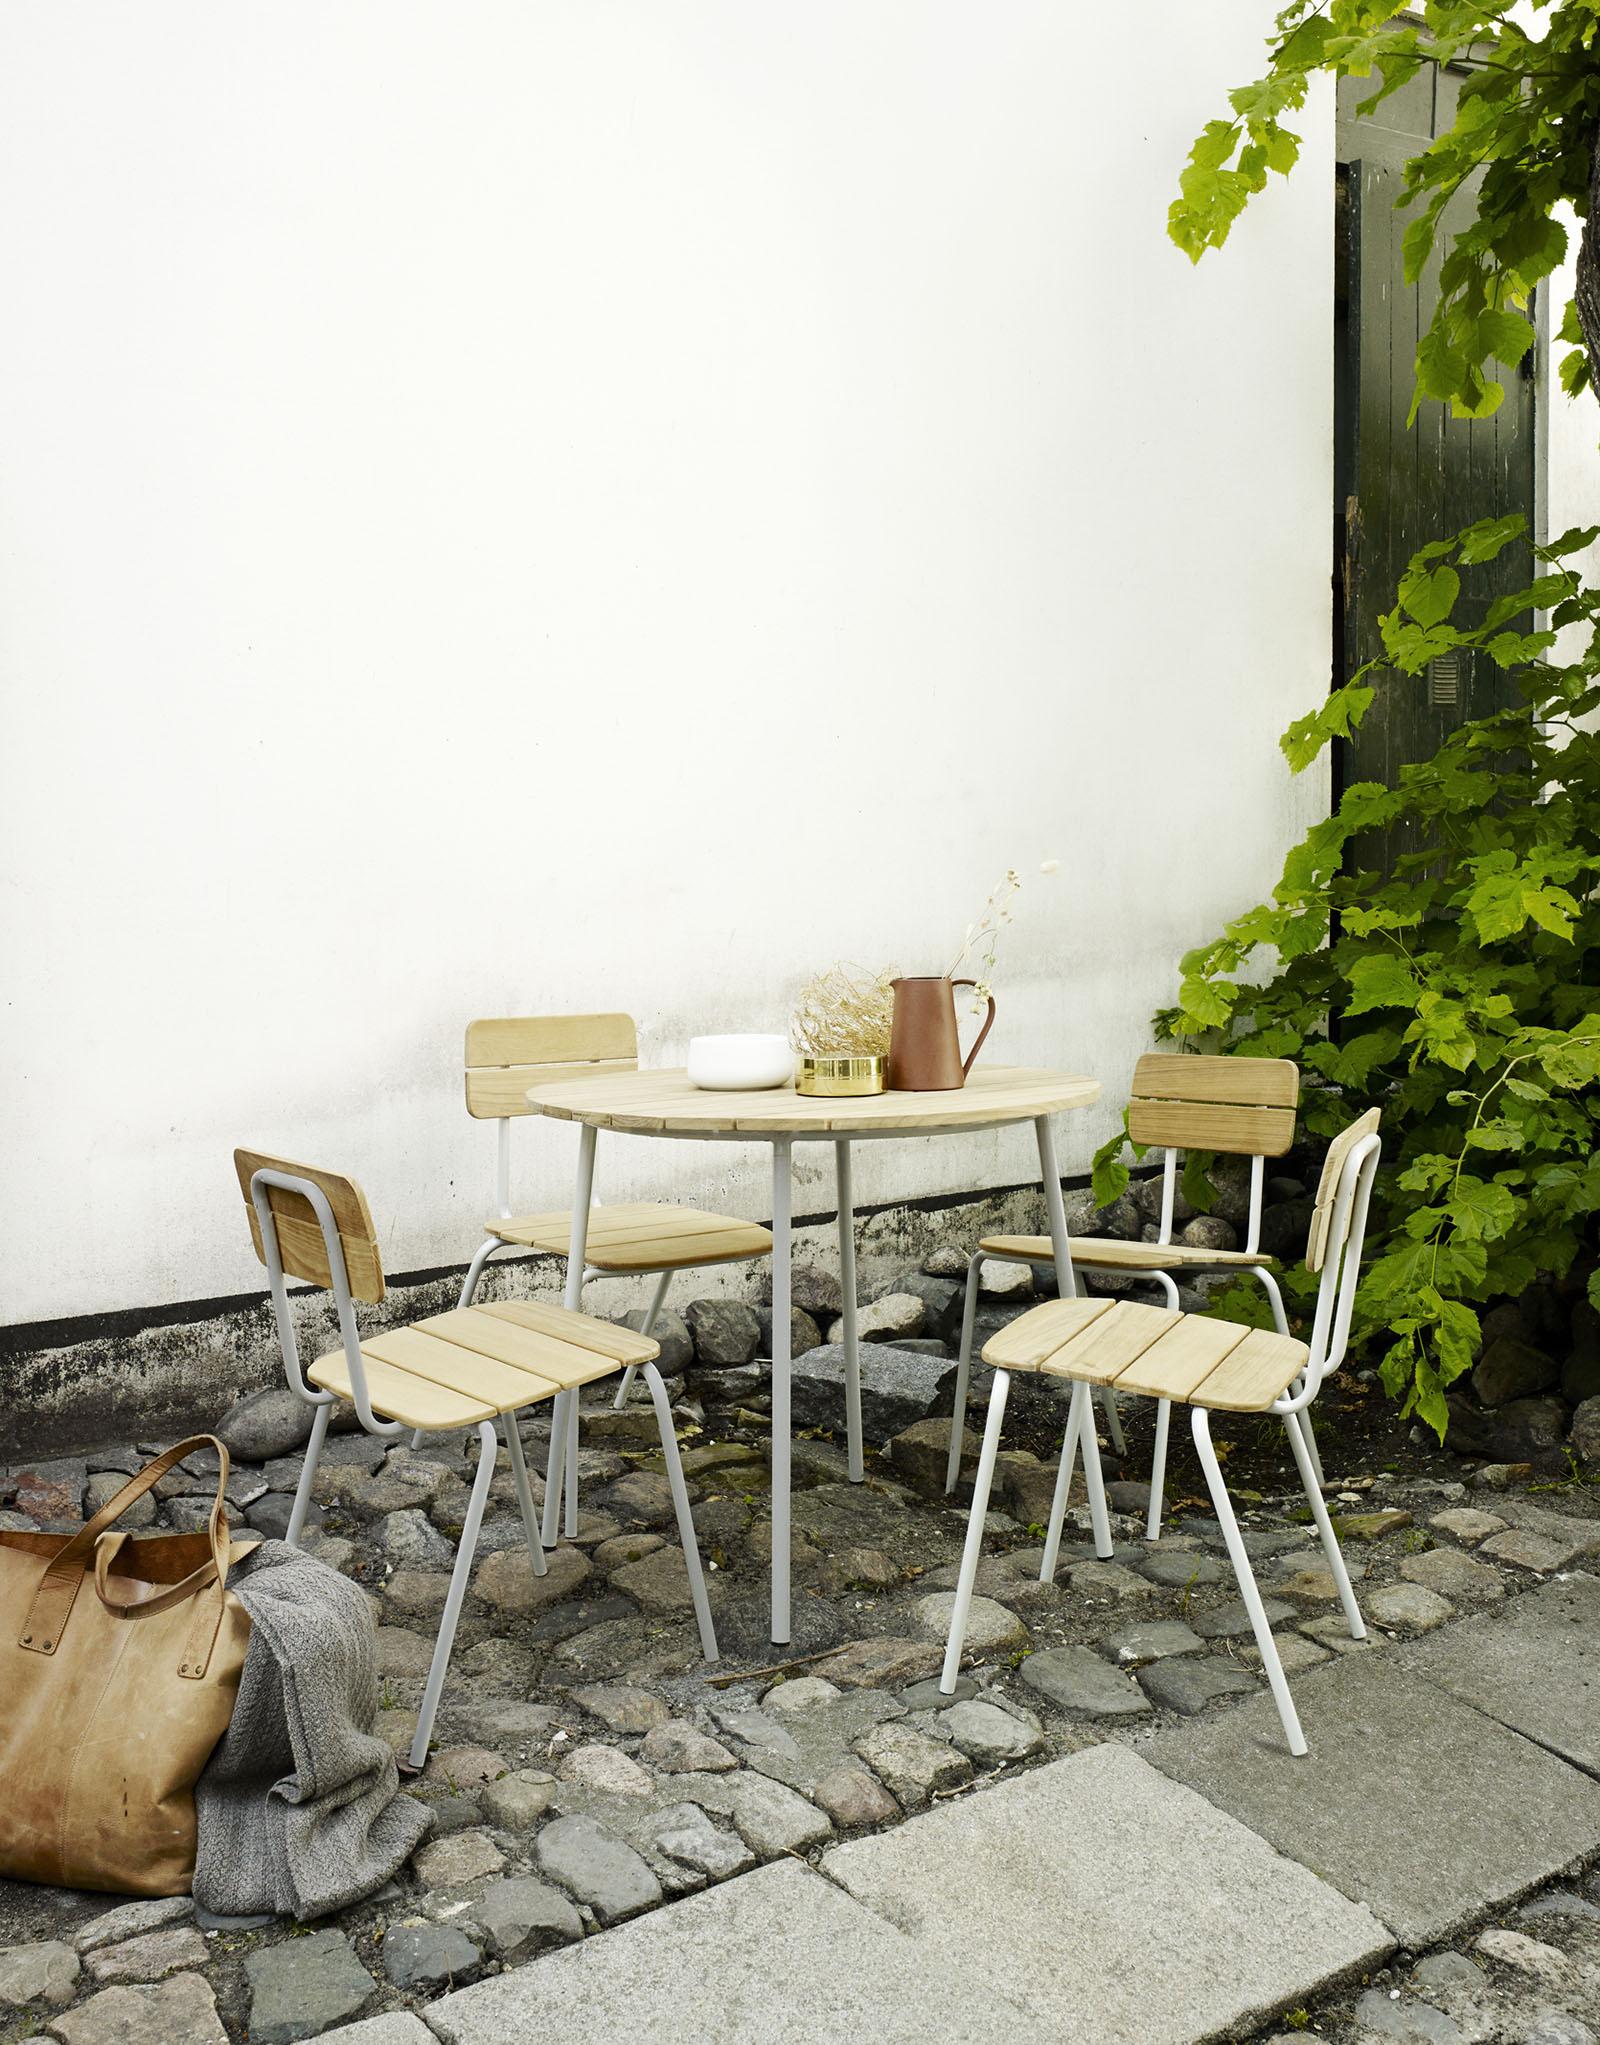 Необычный журнальный столик с современным дизайном, фото столика Flux